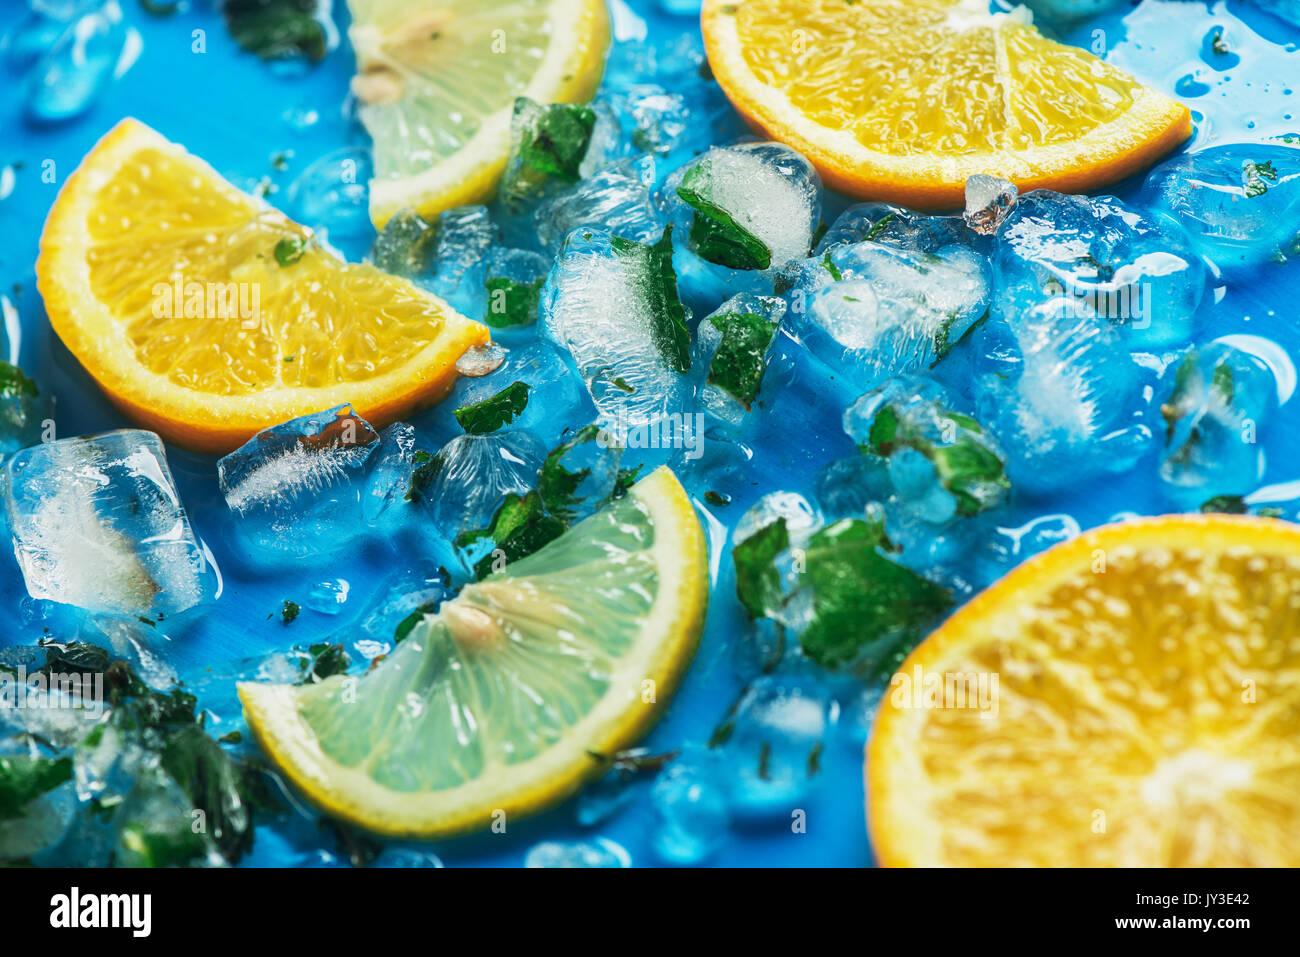 Cerca de rodajas de naranjas y limones en un fondo azul con cubitos de hielo. Imagen De Stock